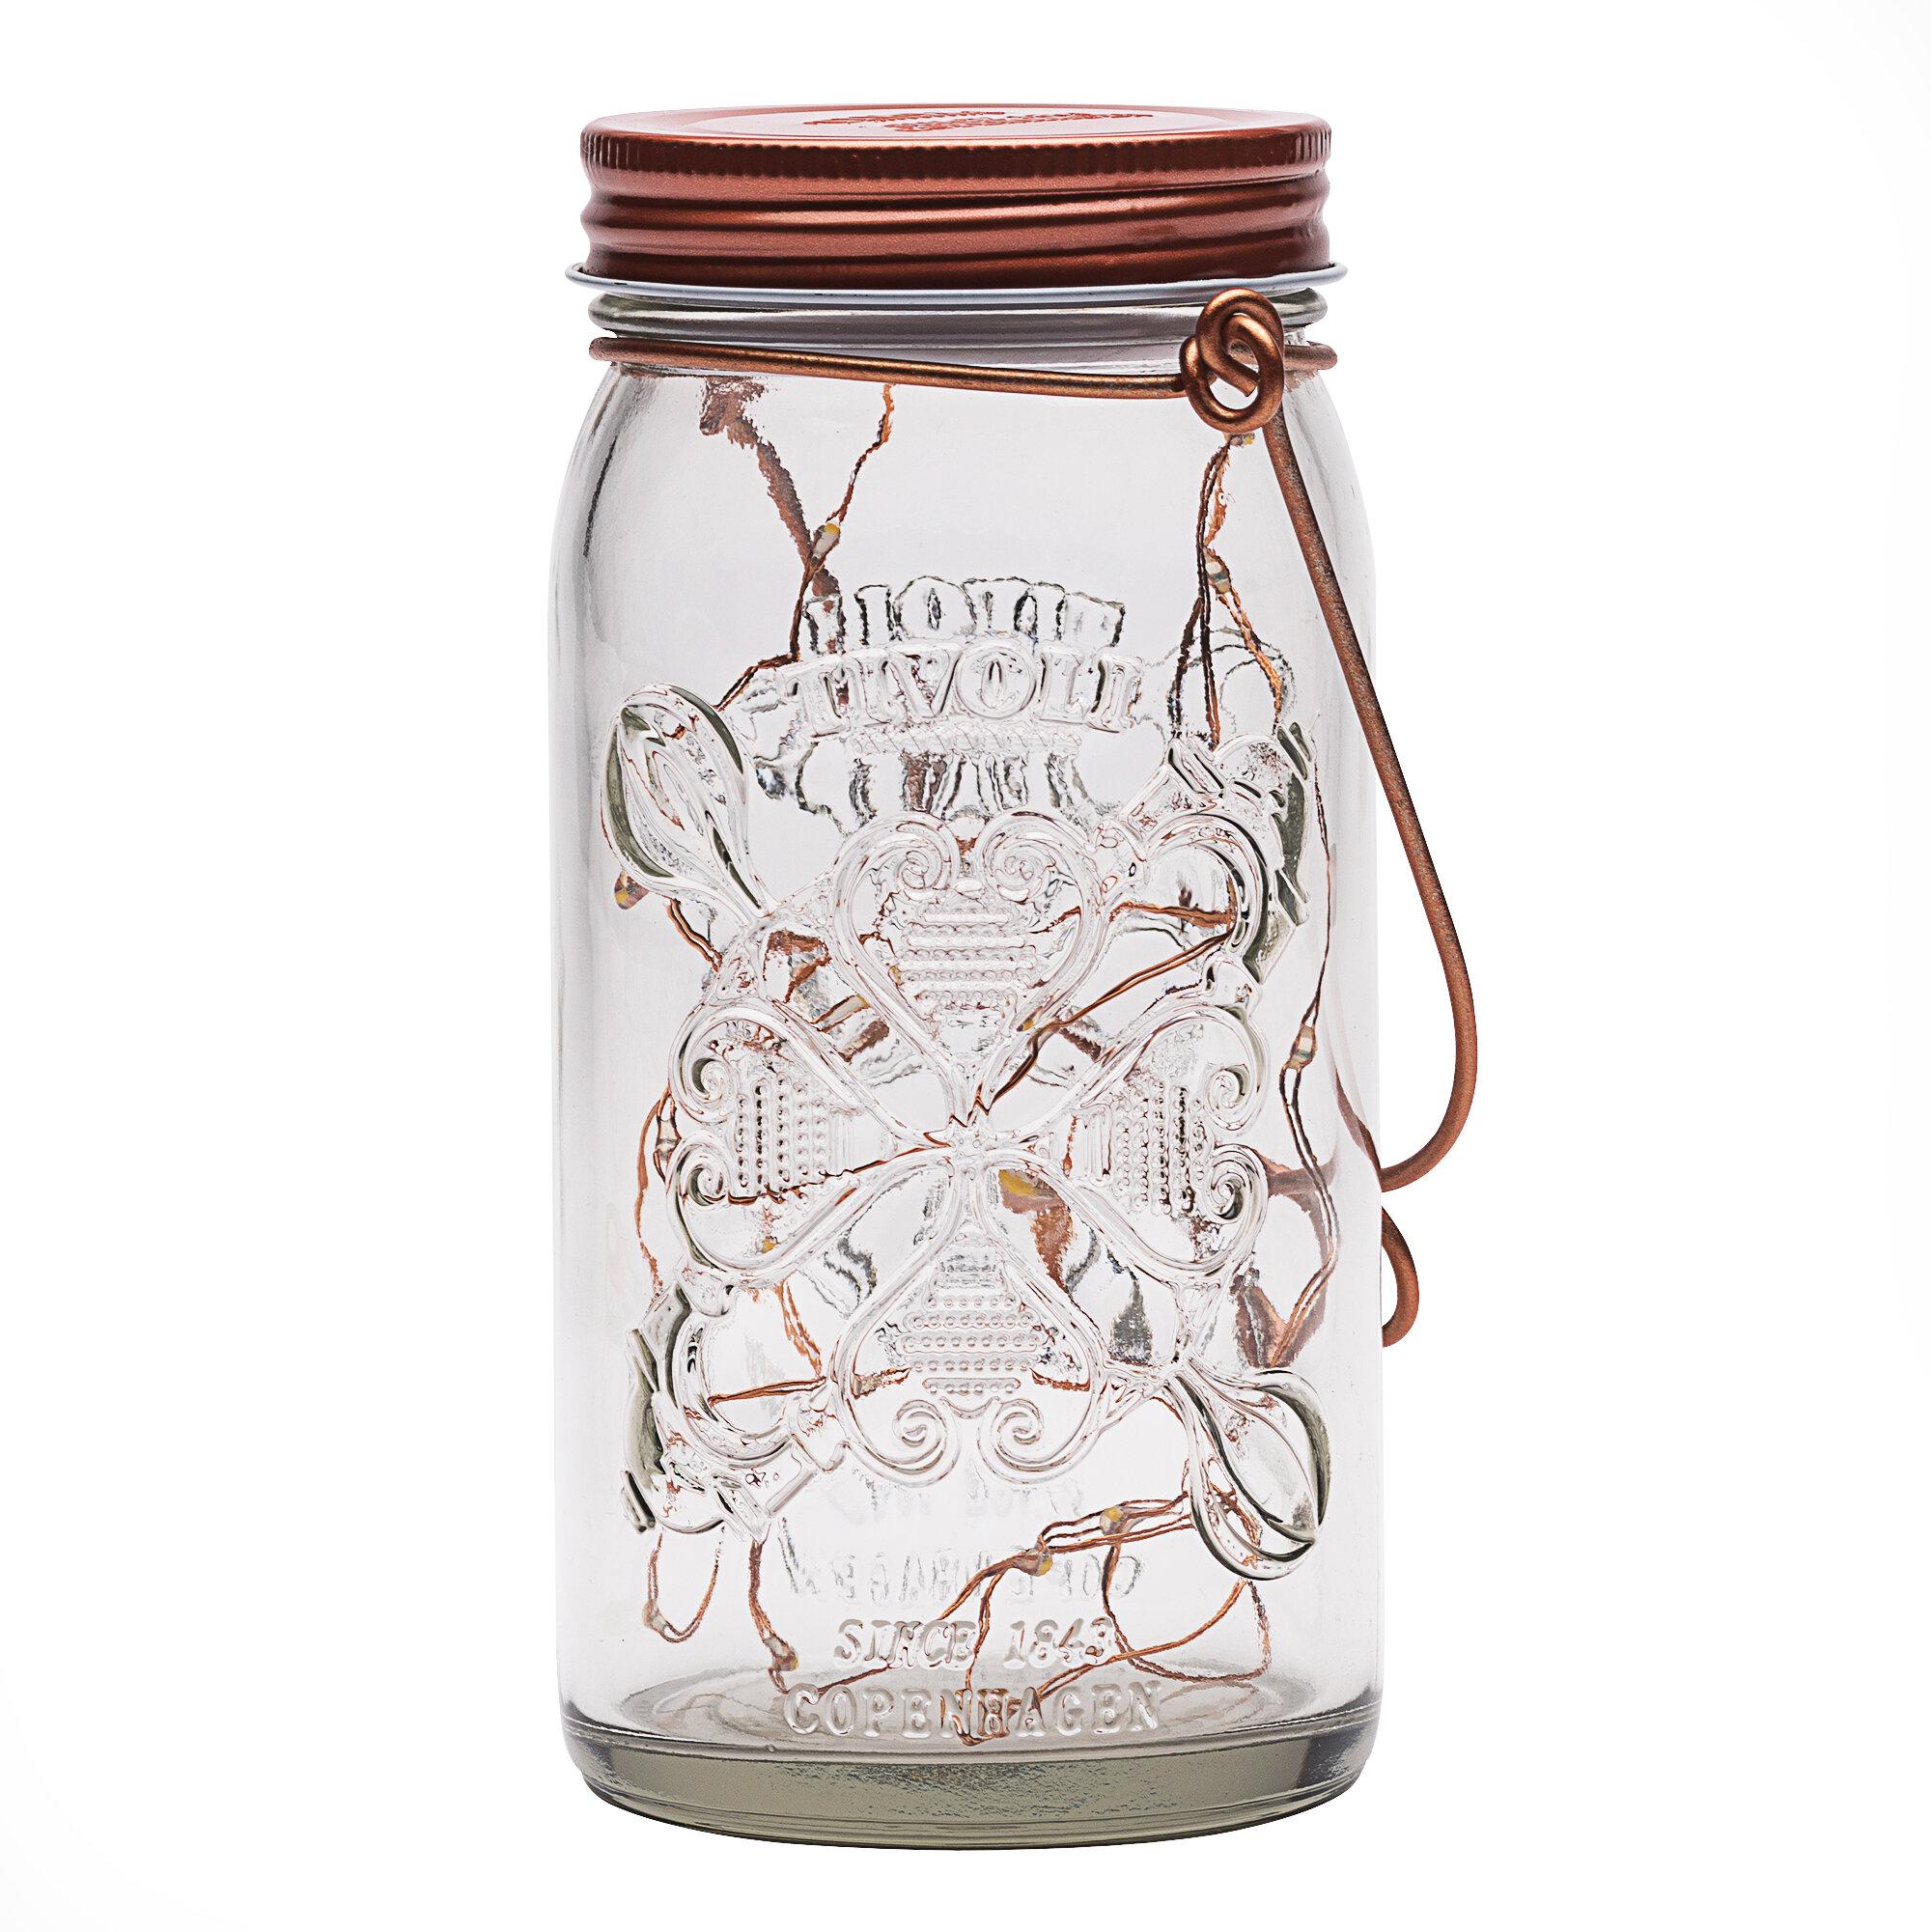 Tivoli LED String Light Decorative Jar By Lights